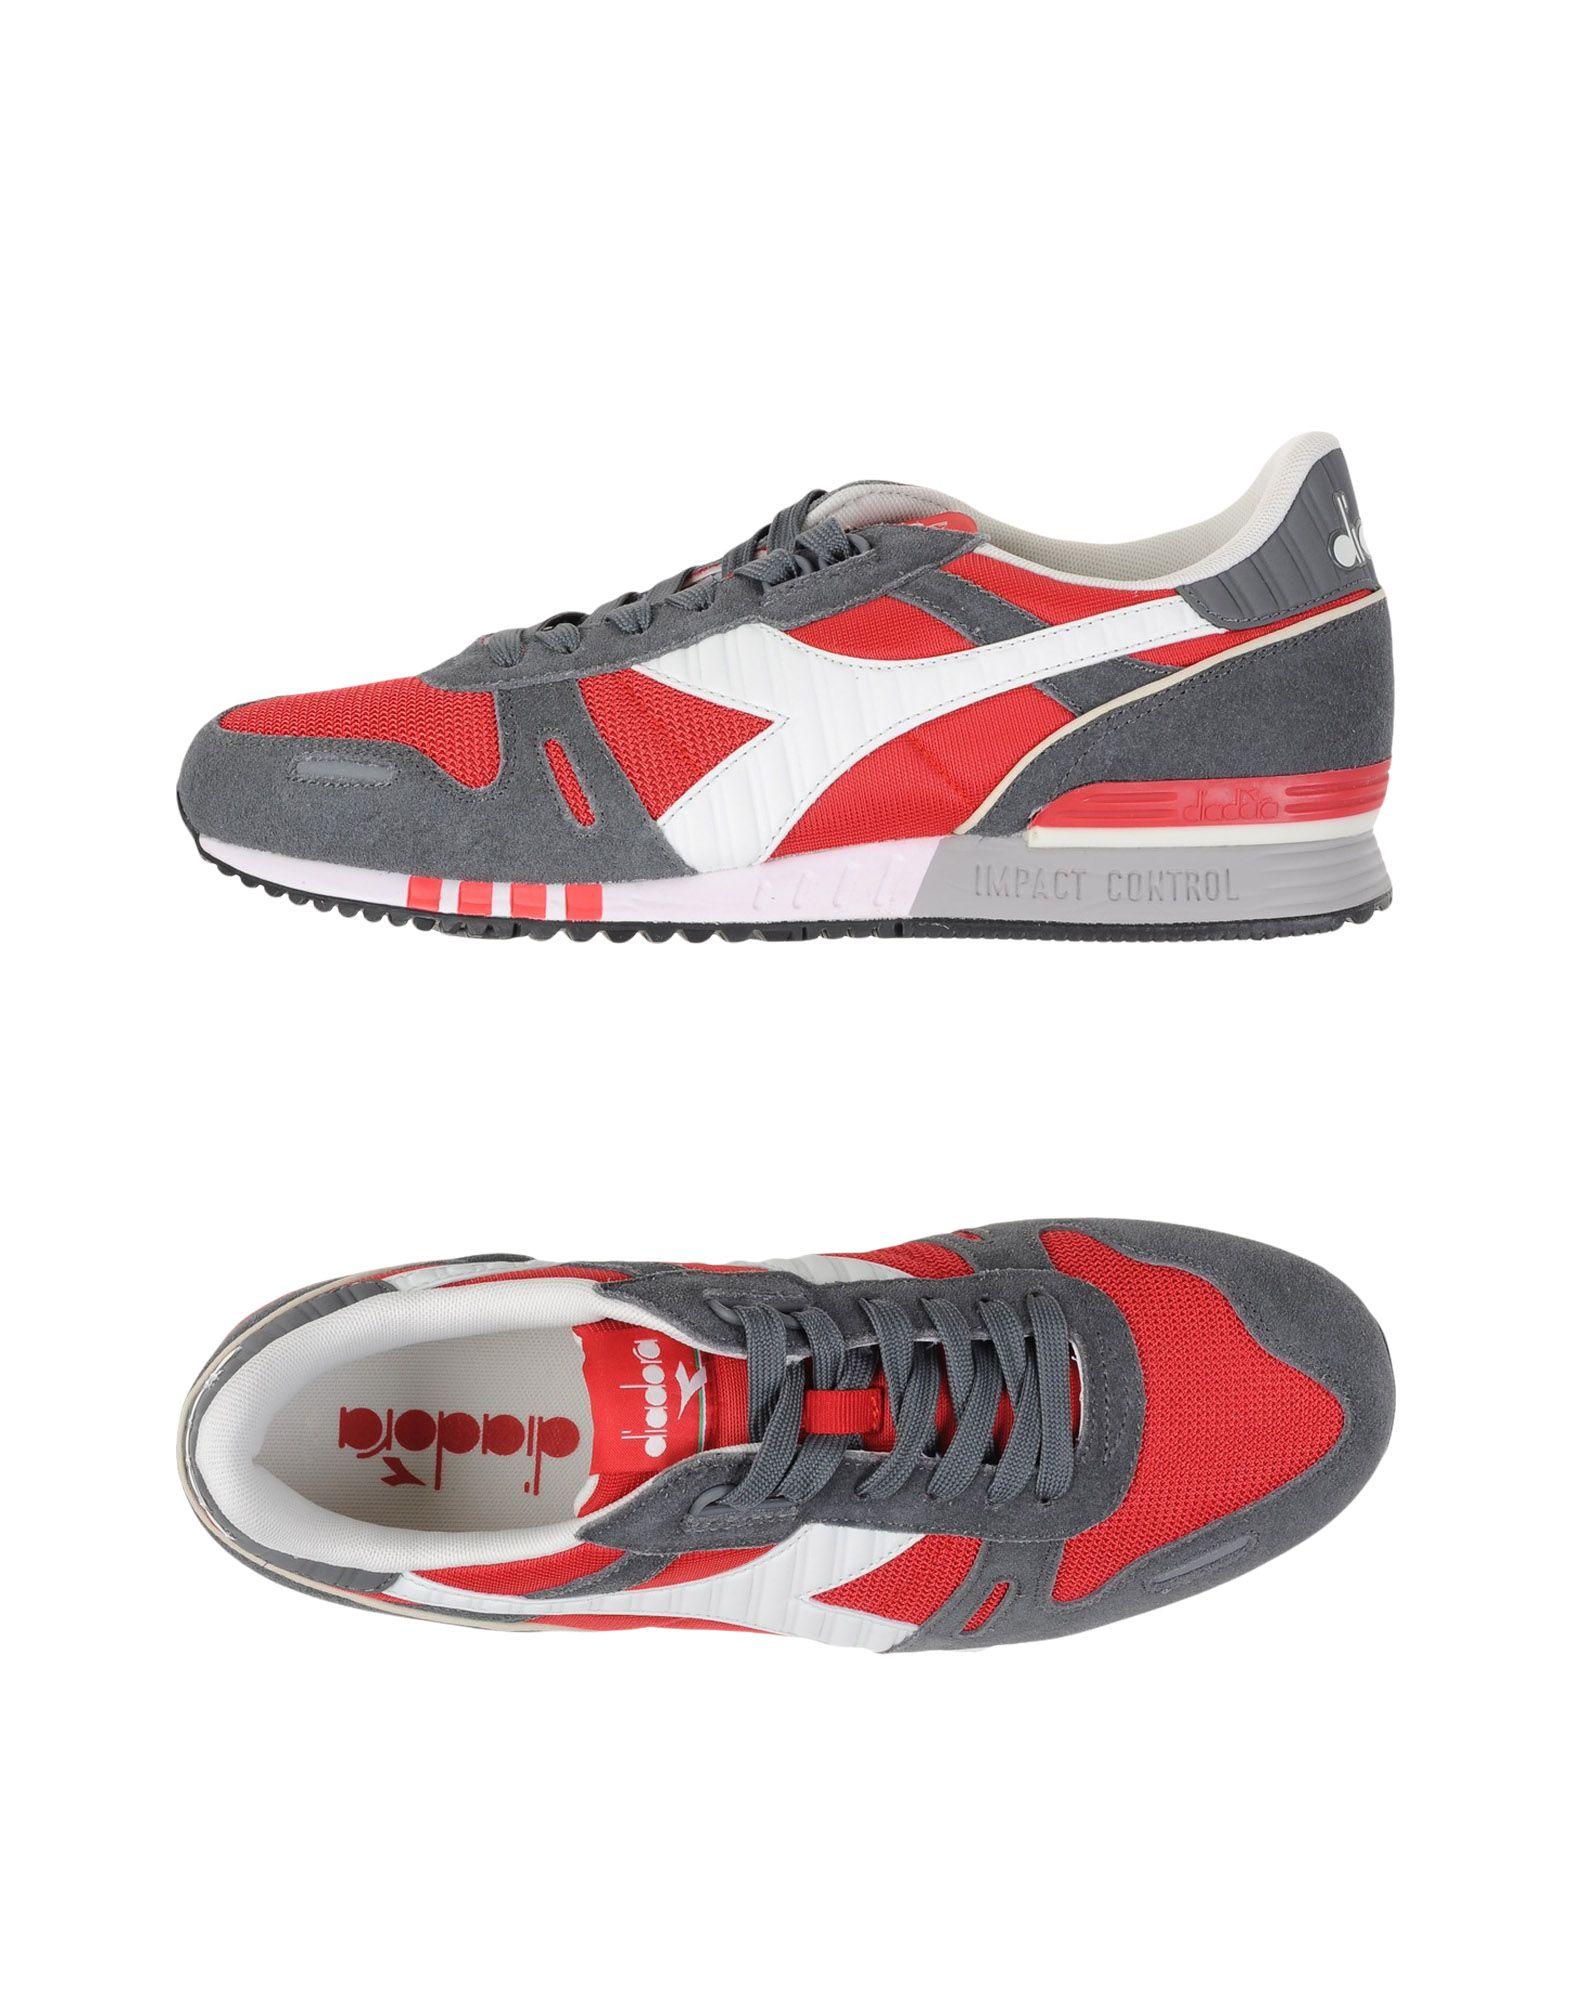 Diadora Sneakers Herren Herren Sneakers  11122873WK 950460